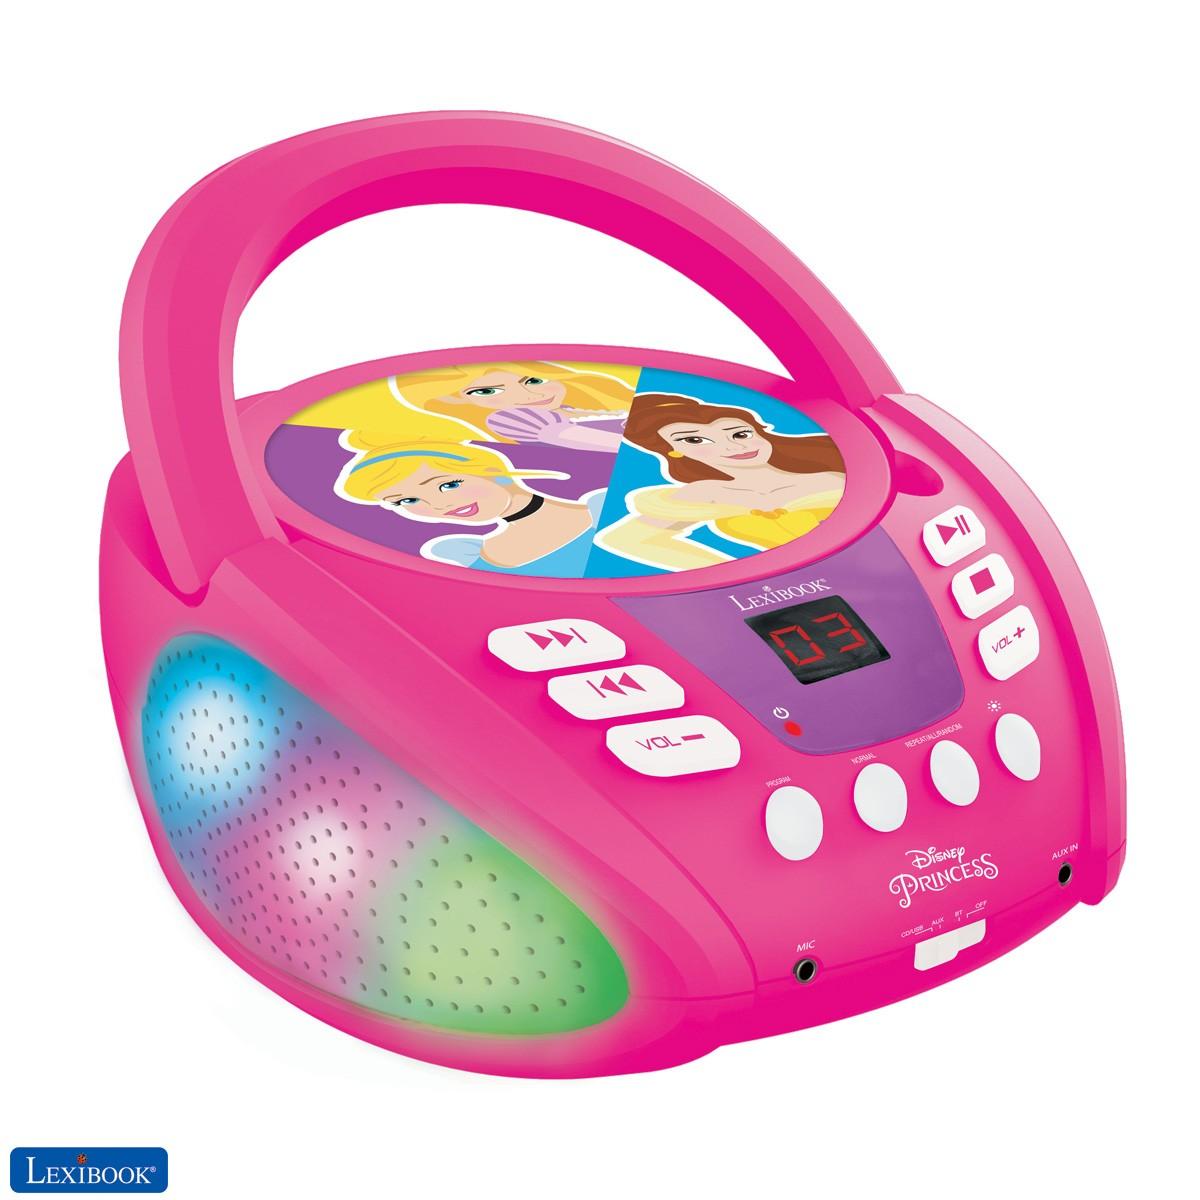 Disney Princesa - Lector de CD Bluetooth para niños